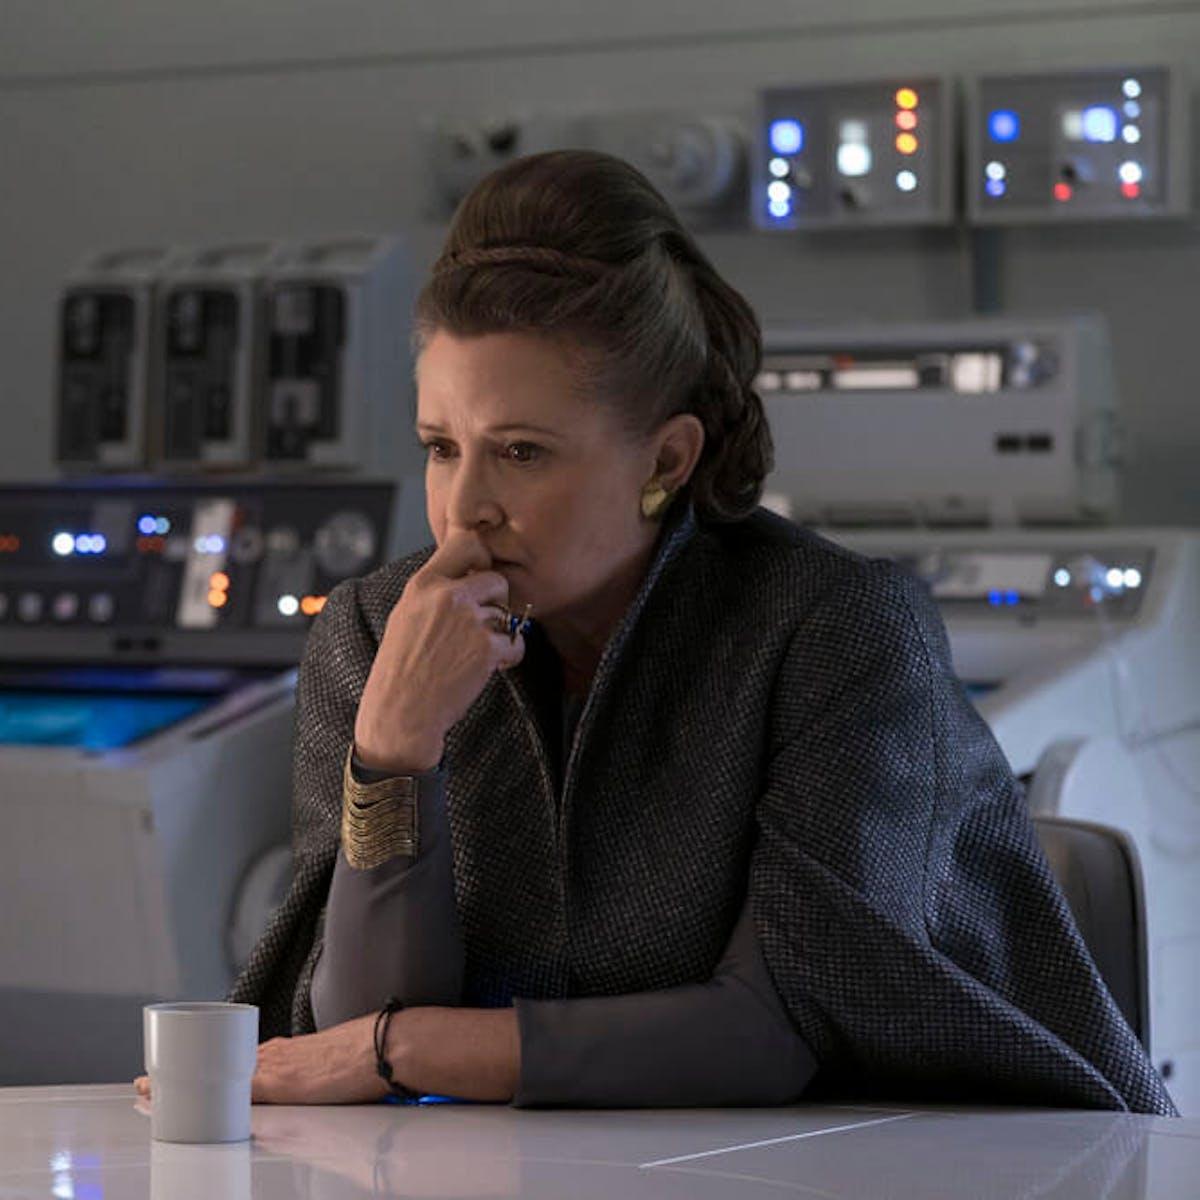 'Rise of Skywalker' leaks: 3 reasons not to believe shocking Leia rumors